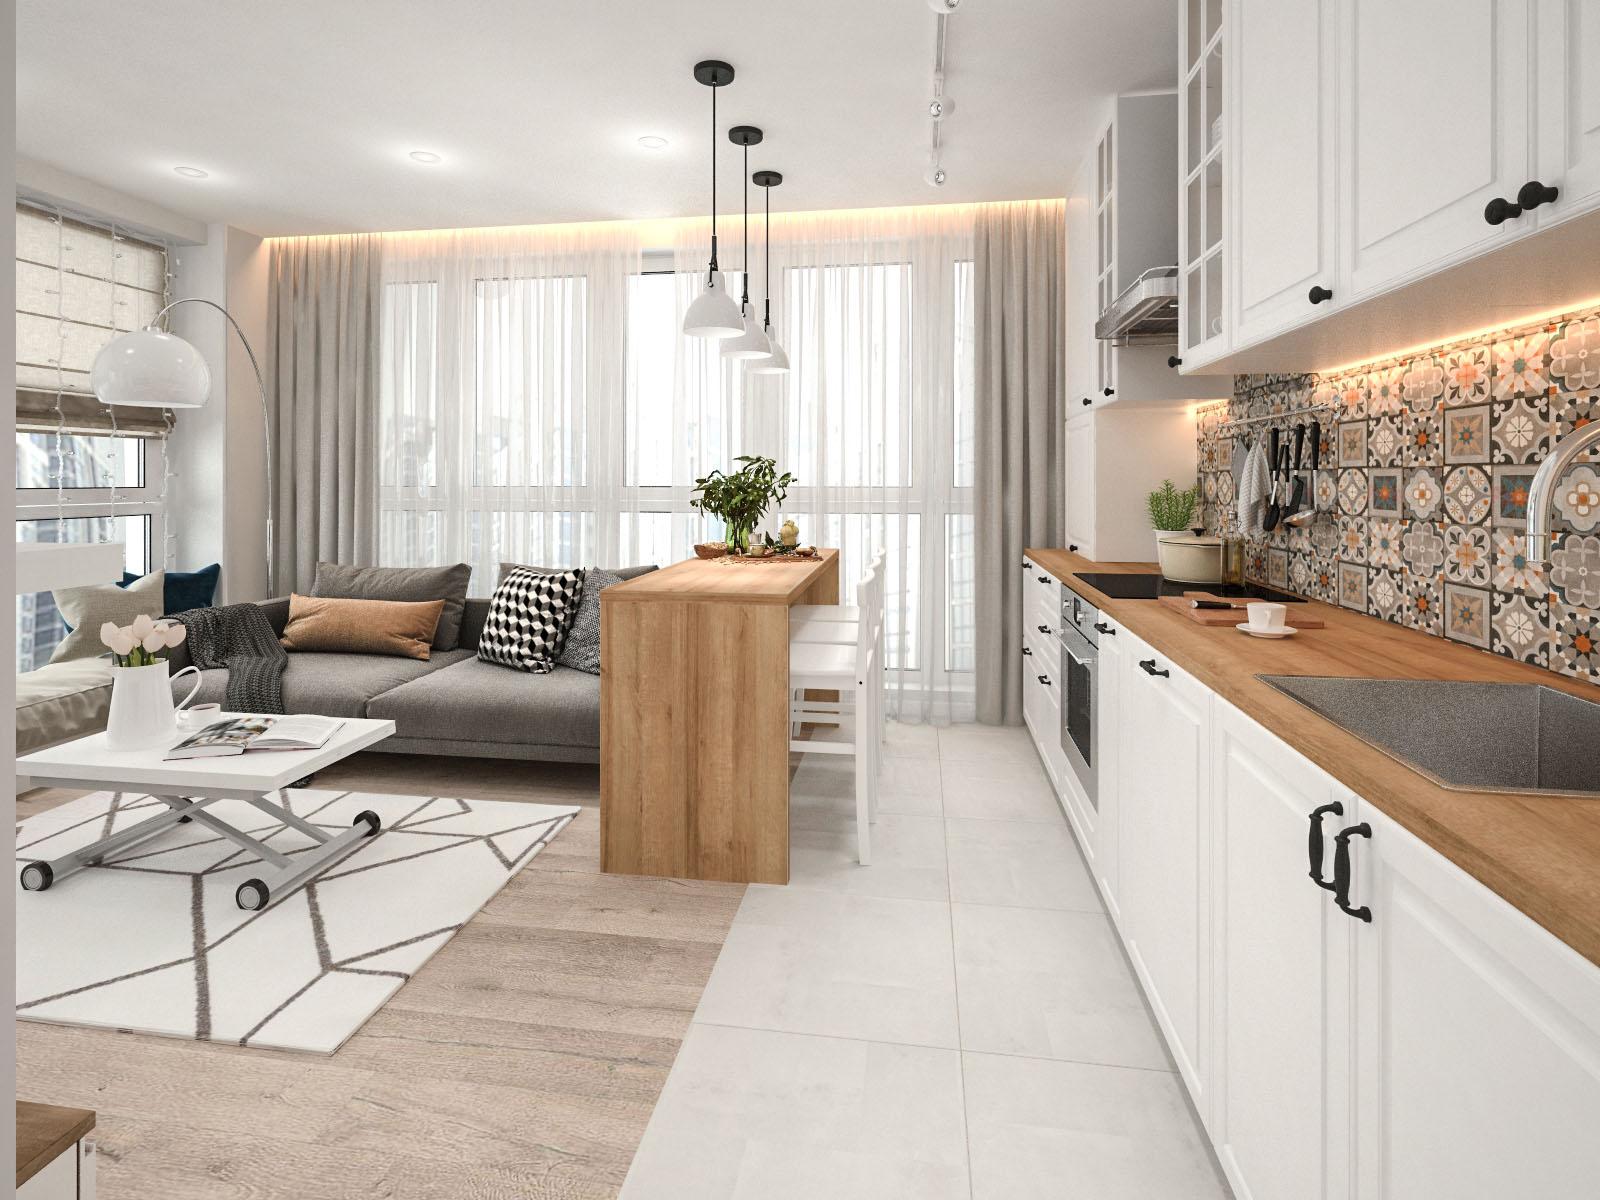 Дизайн интерьера 2-х комнатной квартиры в доме Сочи ЖК Минск Мир